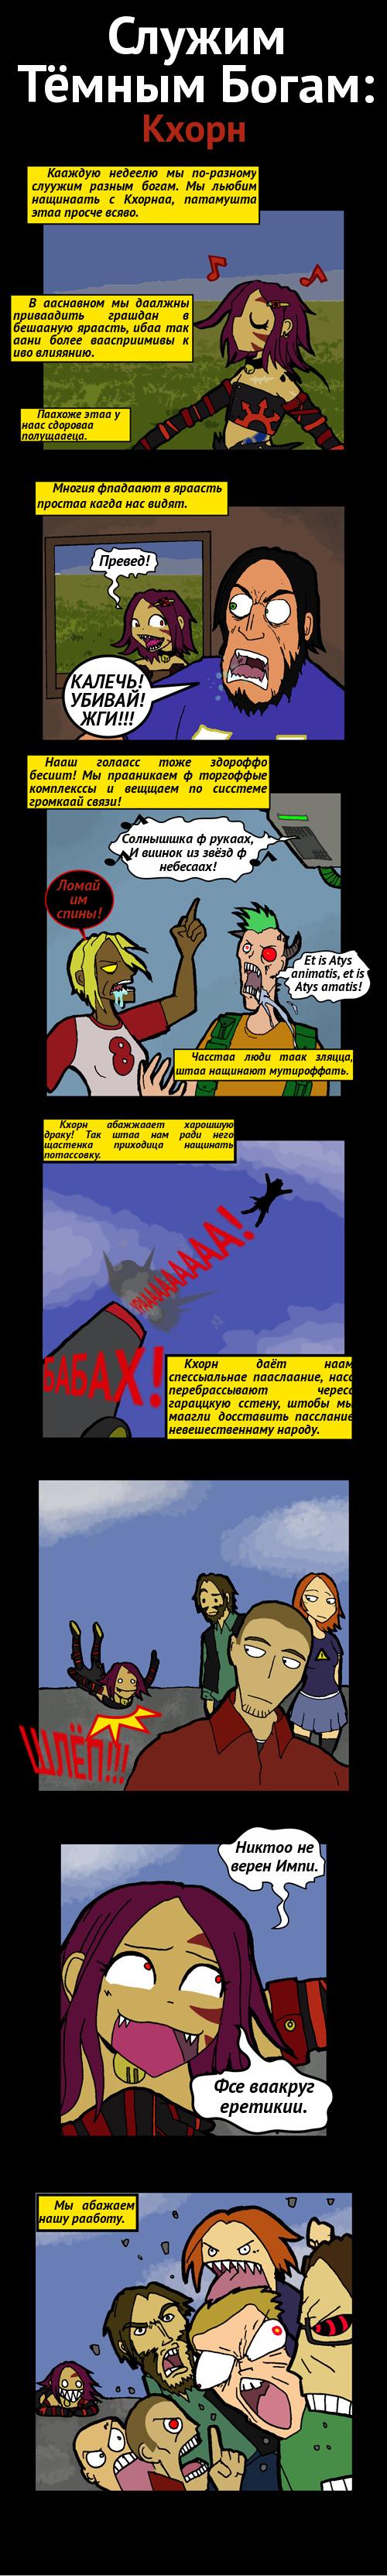 Служим темным богам)))